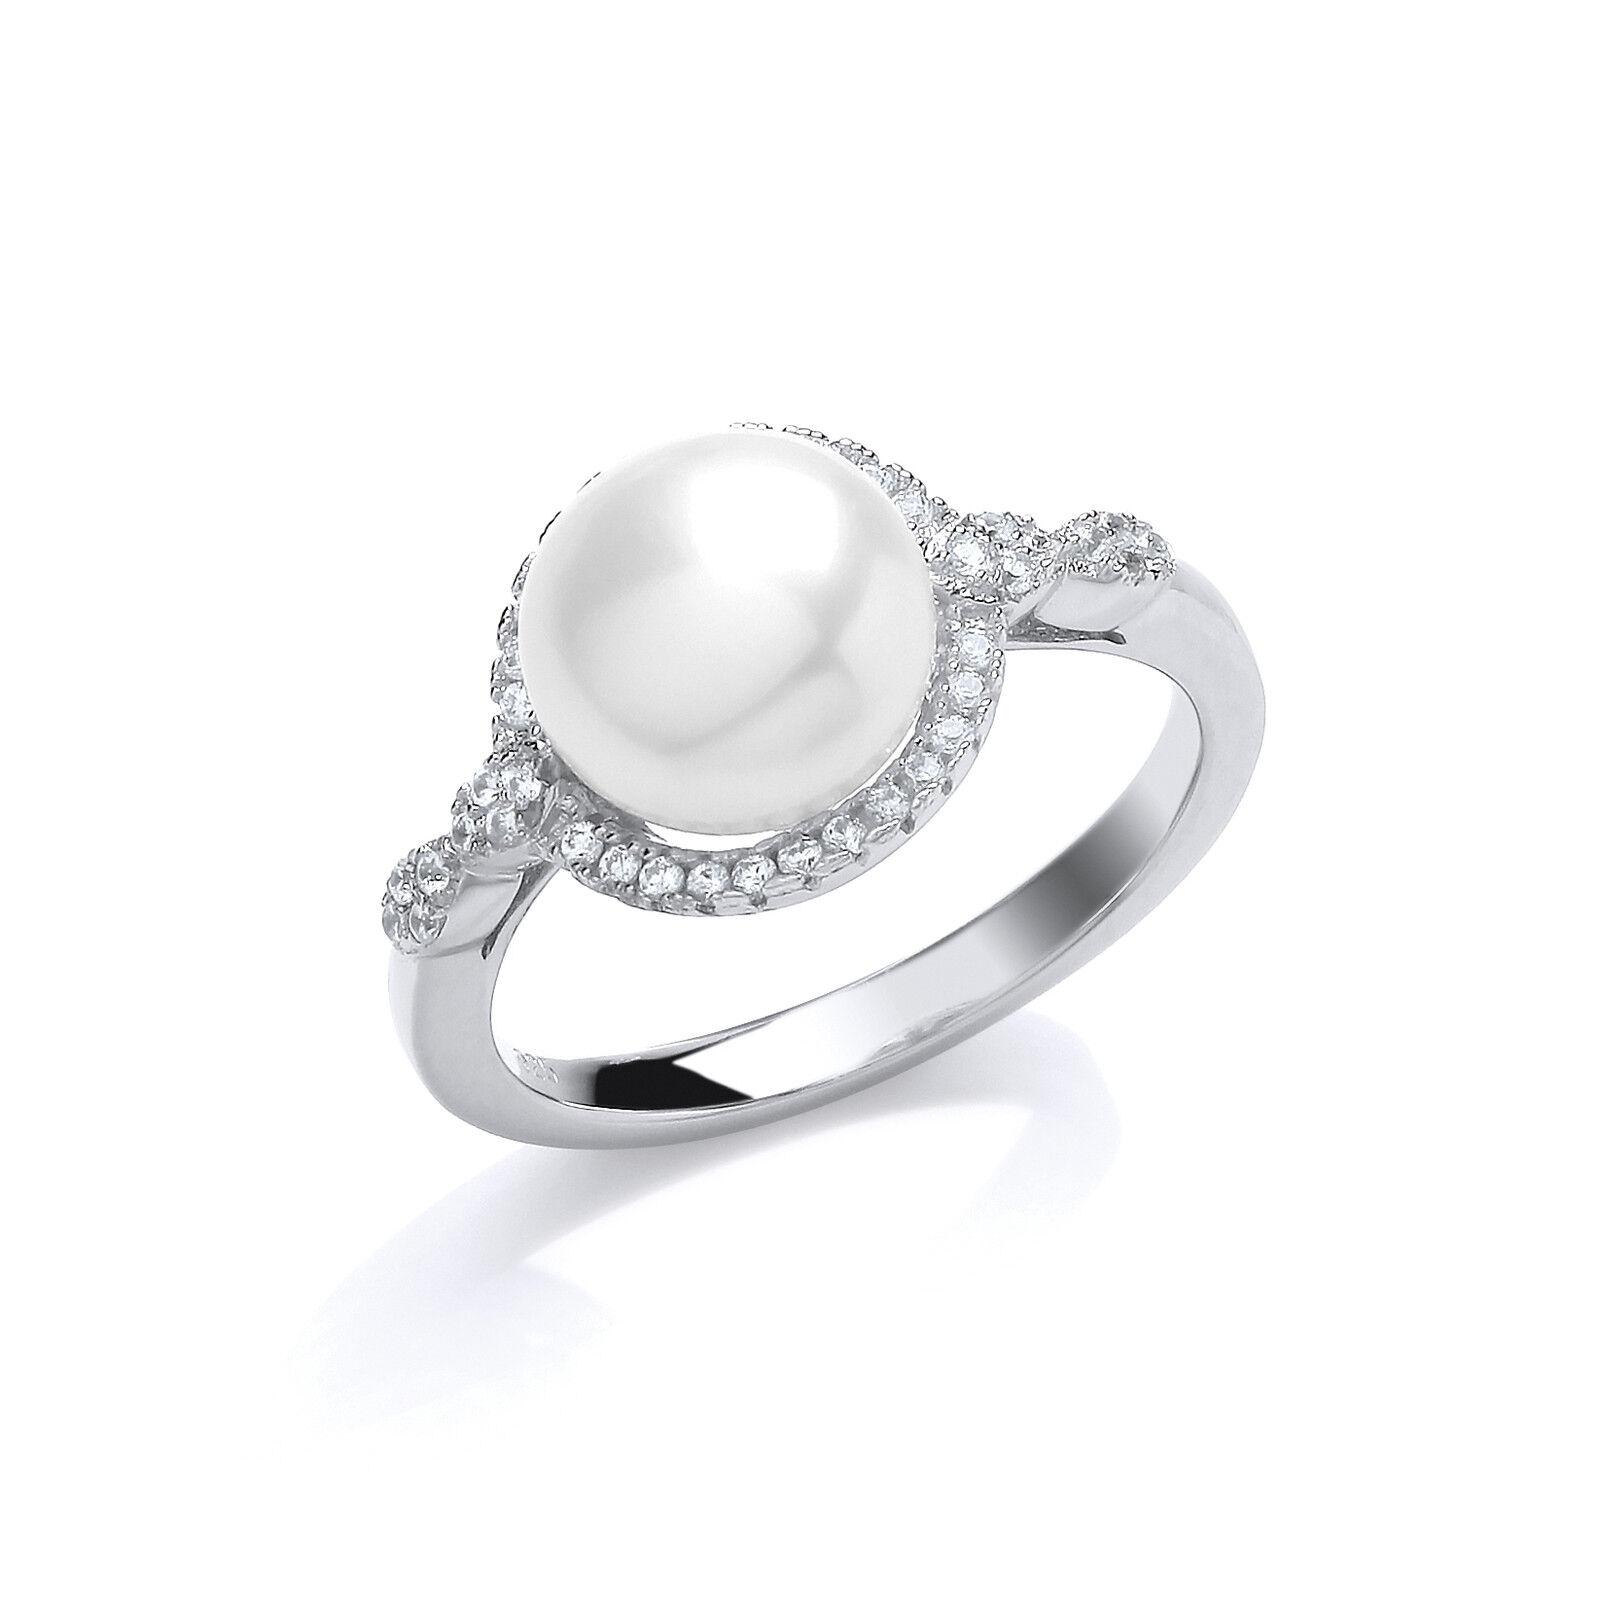 PERLA ANELLO perla d'acqua dolce placcato platino argentoo sterling Halo Halo Halo anello 9d073a